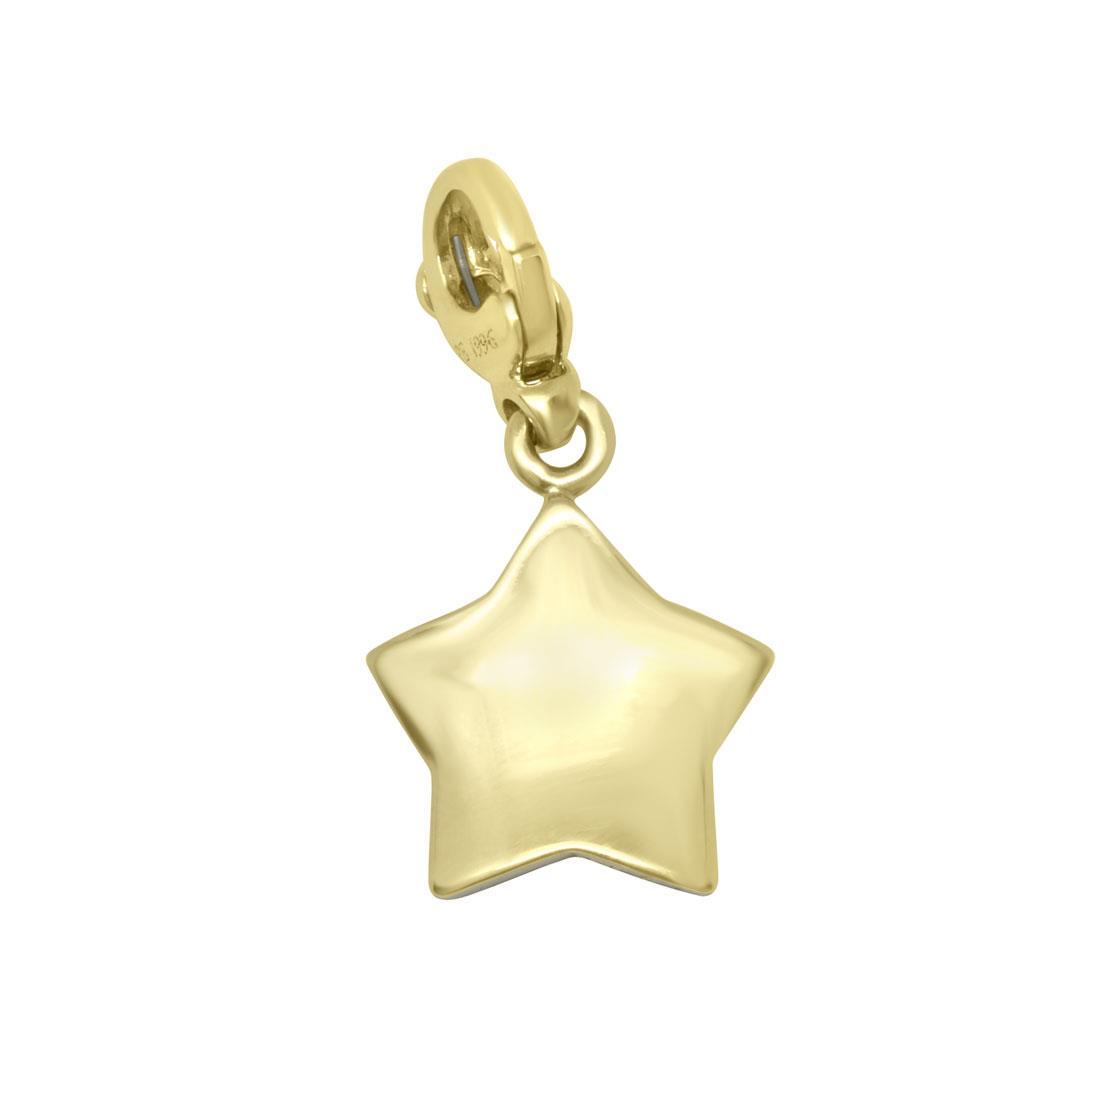 Ciondolo stella in oro giallo e rubino - PASQUALE BRUNI